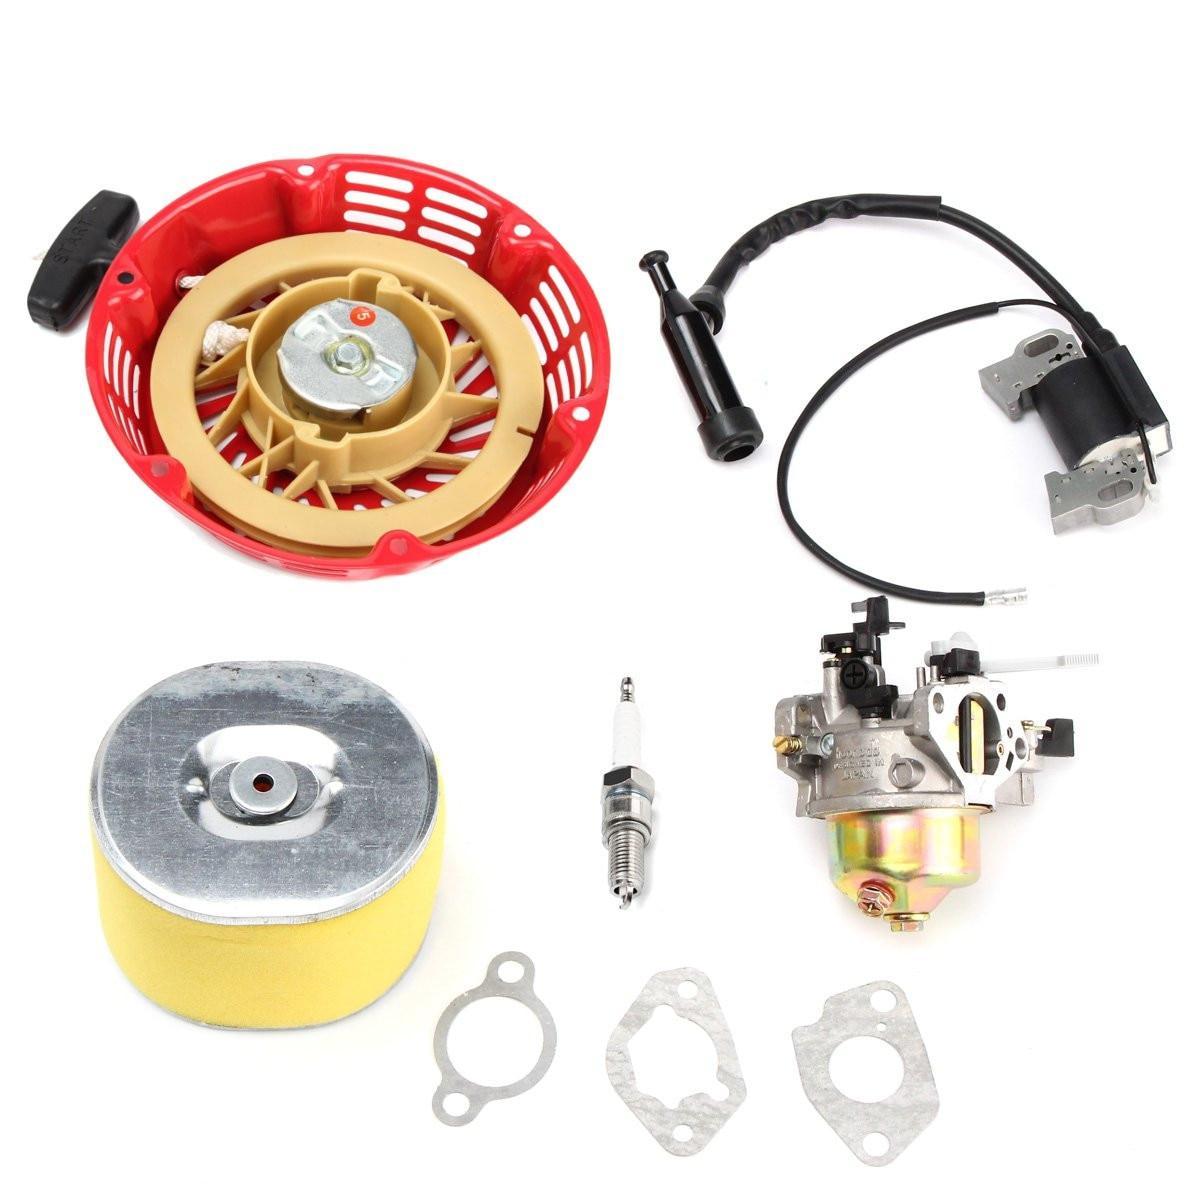 Wymiana gaźnika odrzutu filtr powietrza cewka zapłonowa wtyczka dla Honda GX240 8HP GX270 9HP